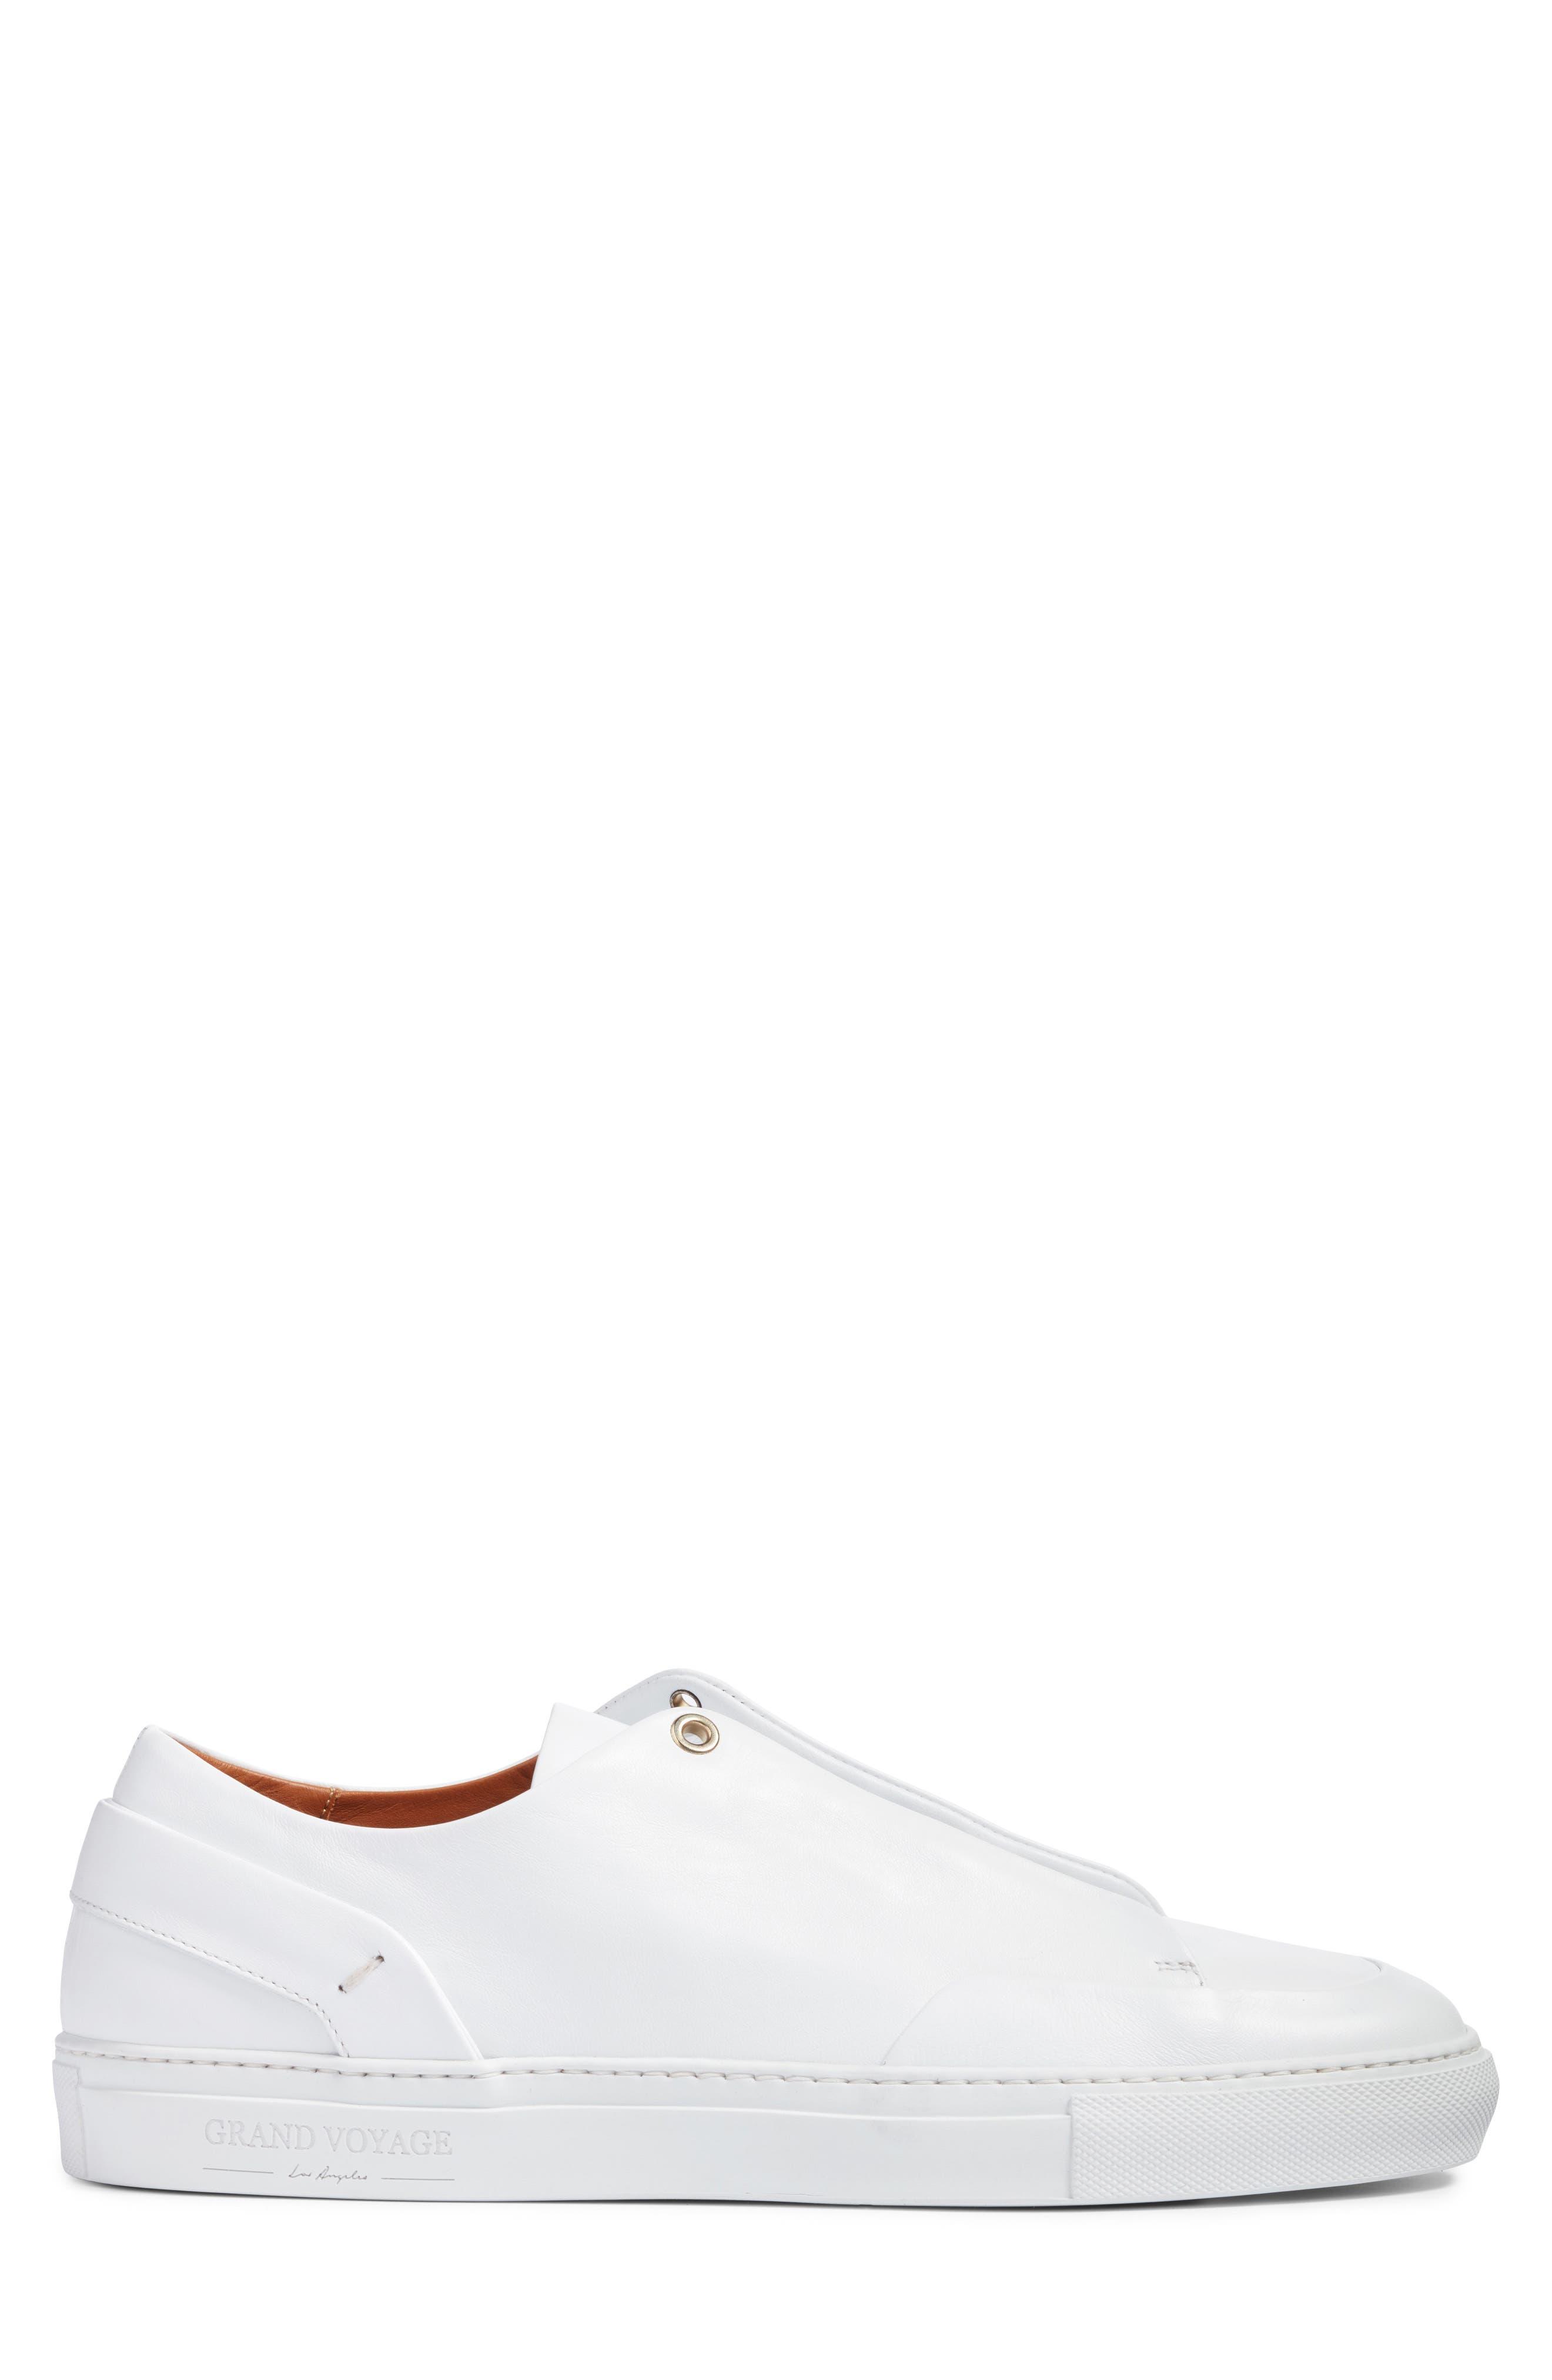 Alternate Image 3  - Grand Voyage Avedon Sneaker (Men)